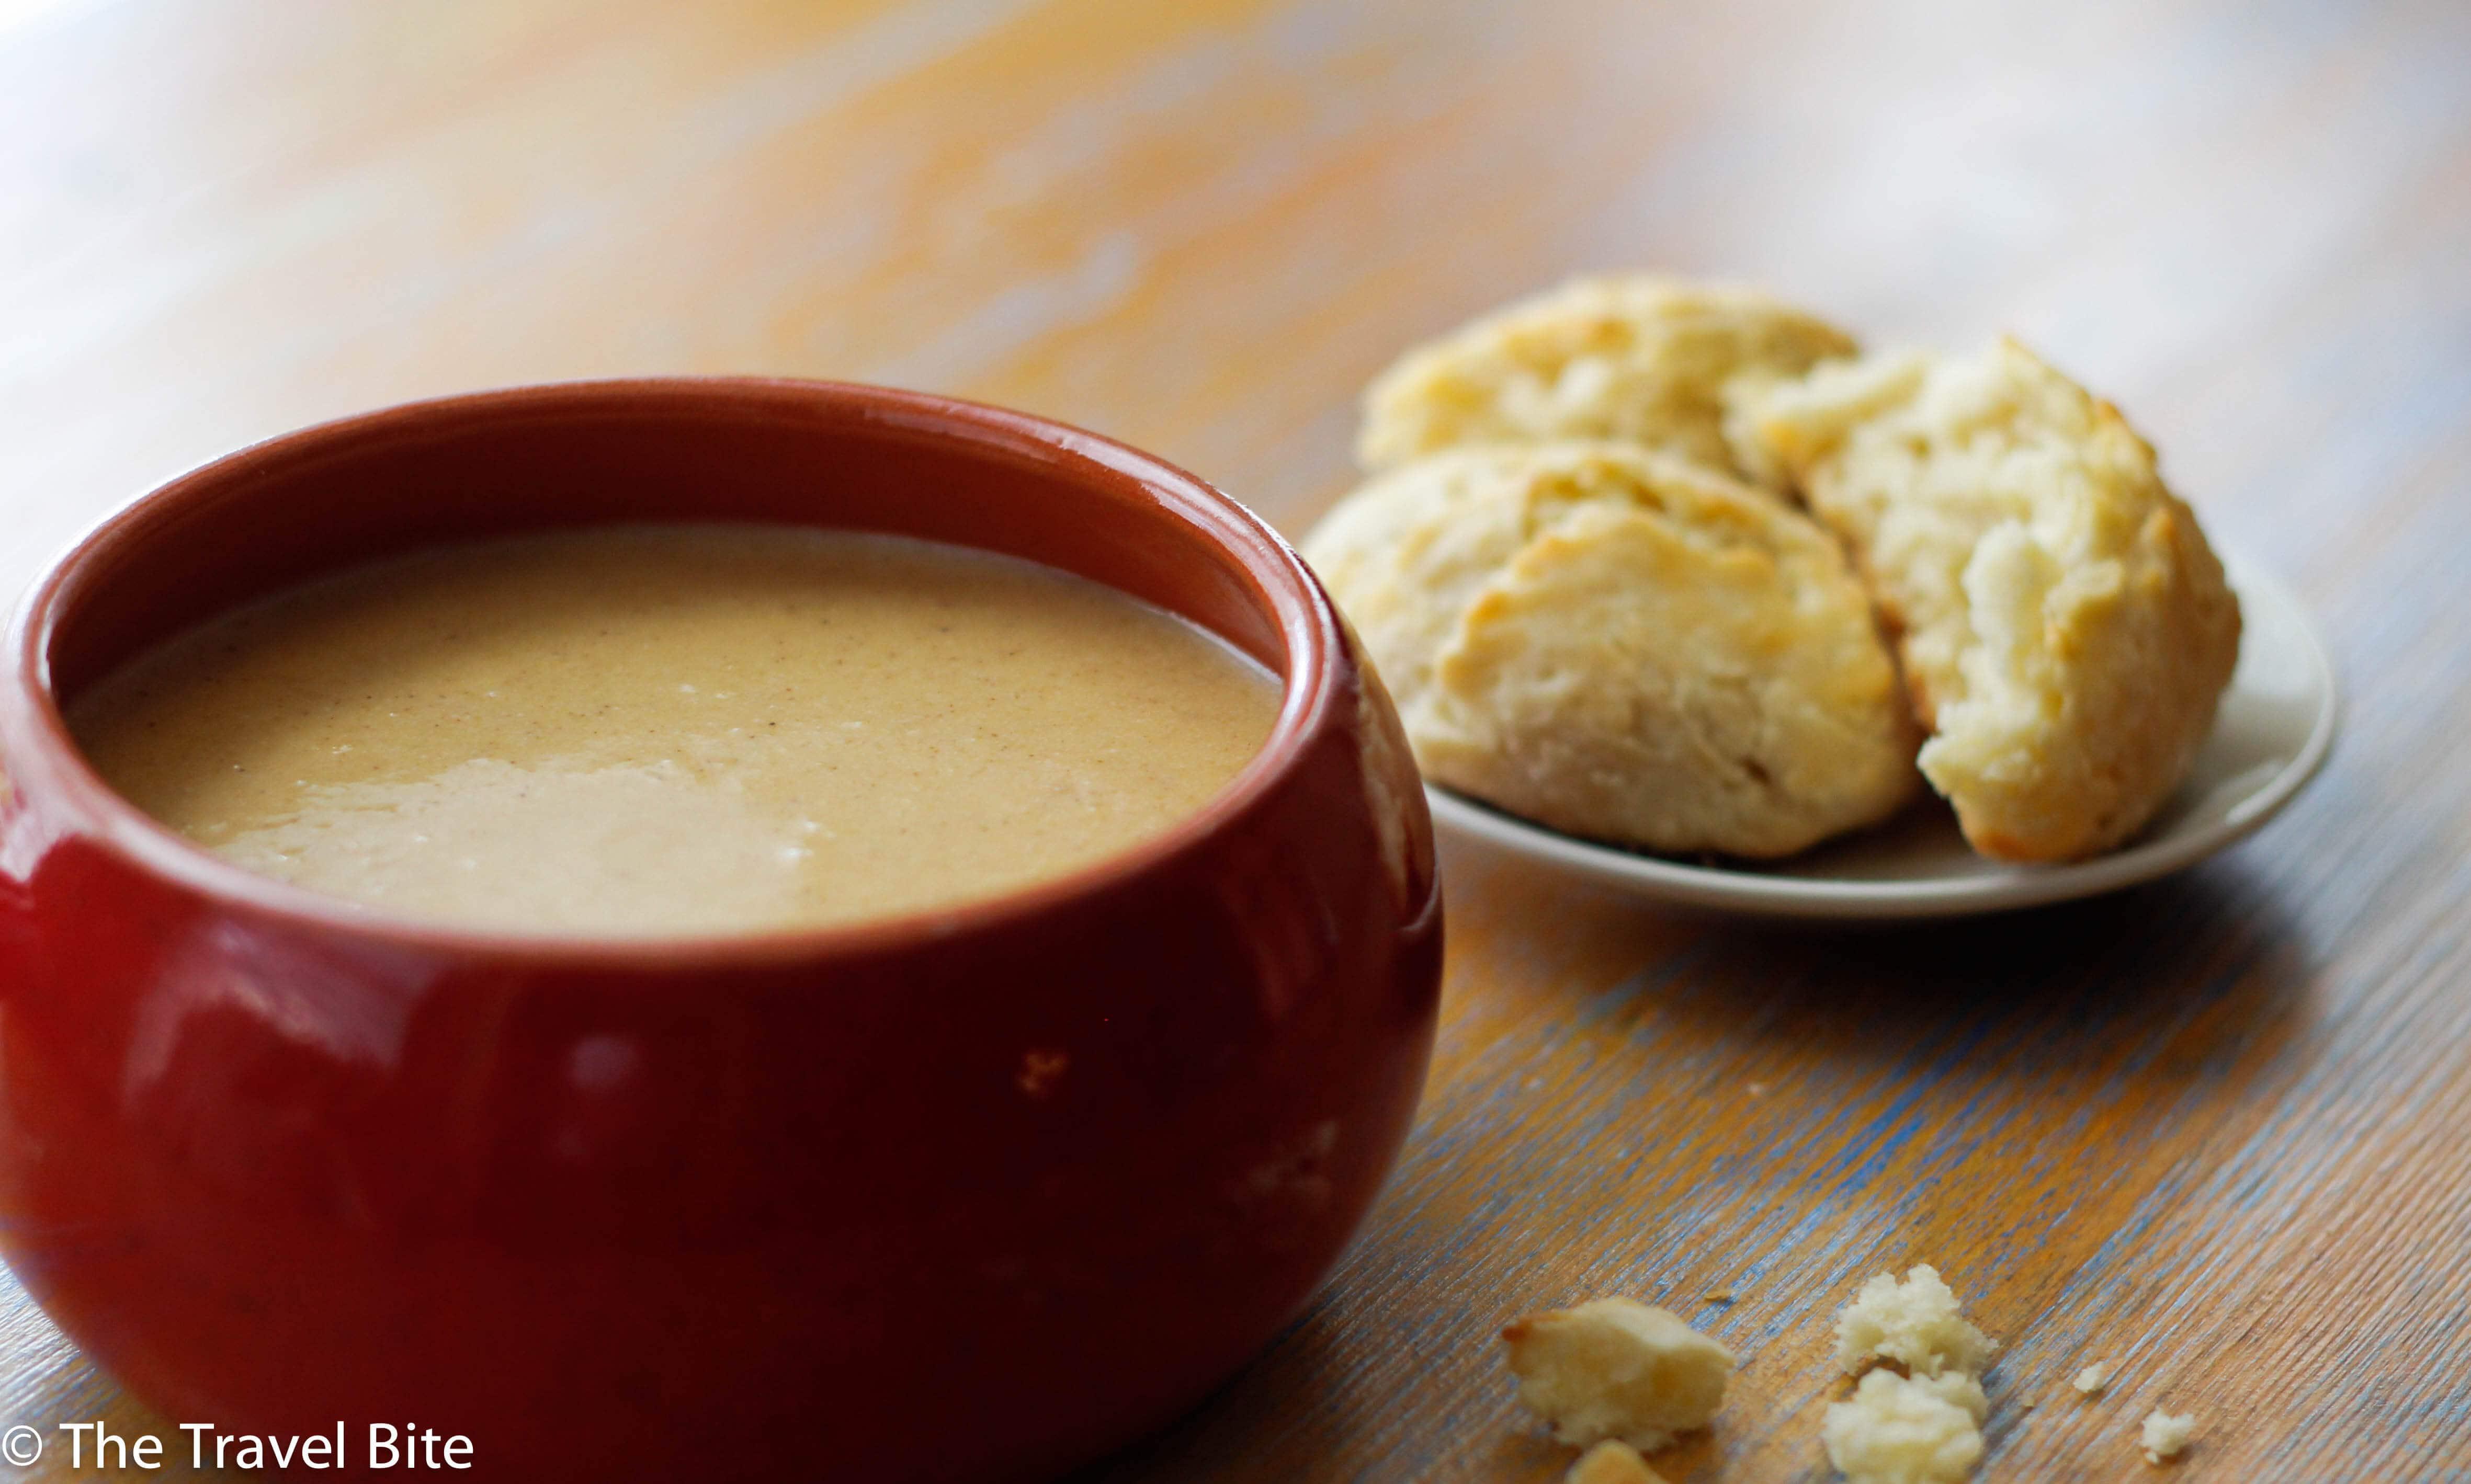 Recipe: Butternut Squash Soup